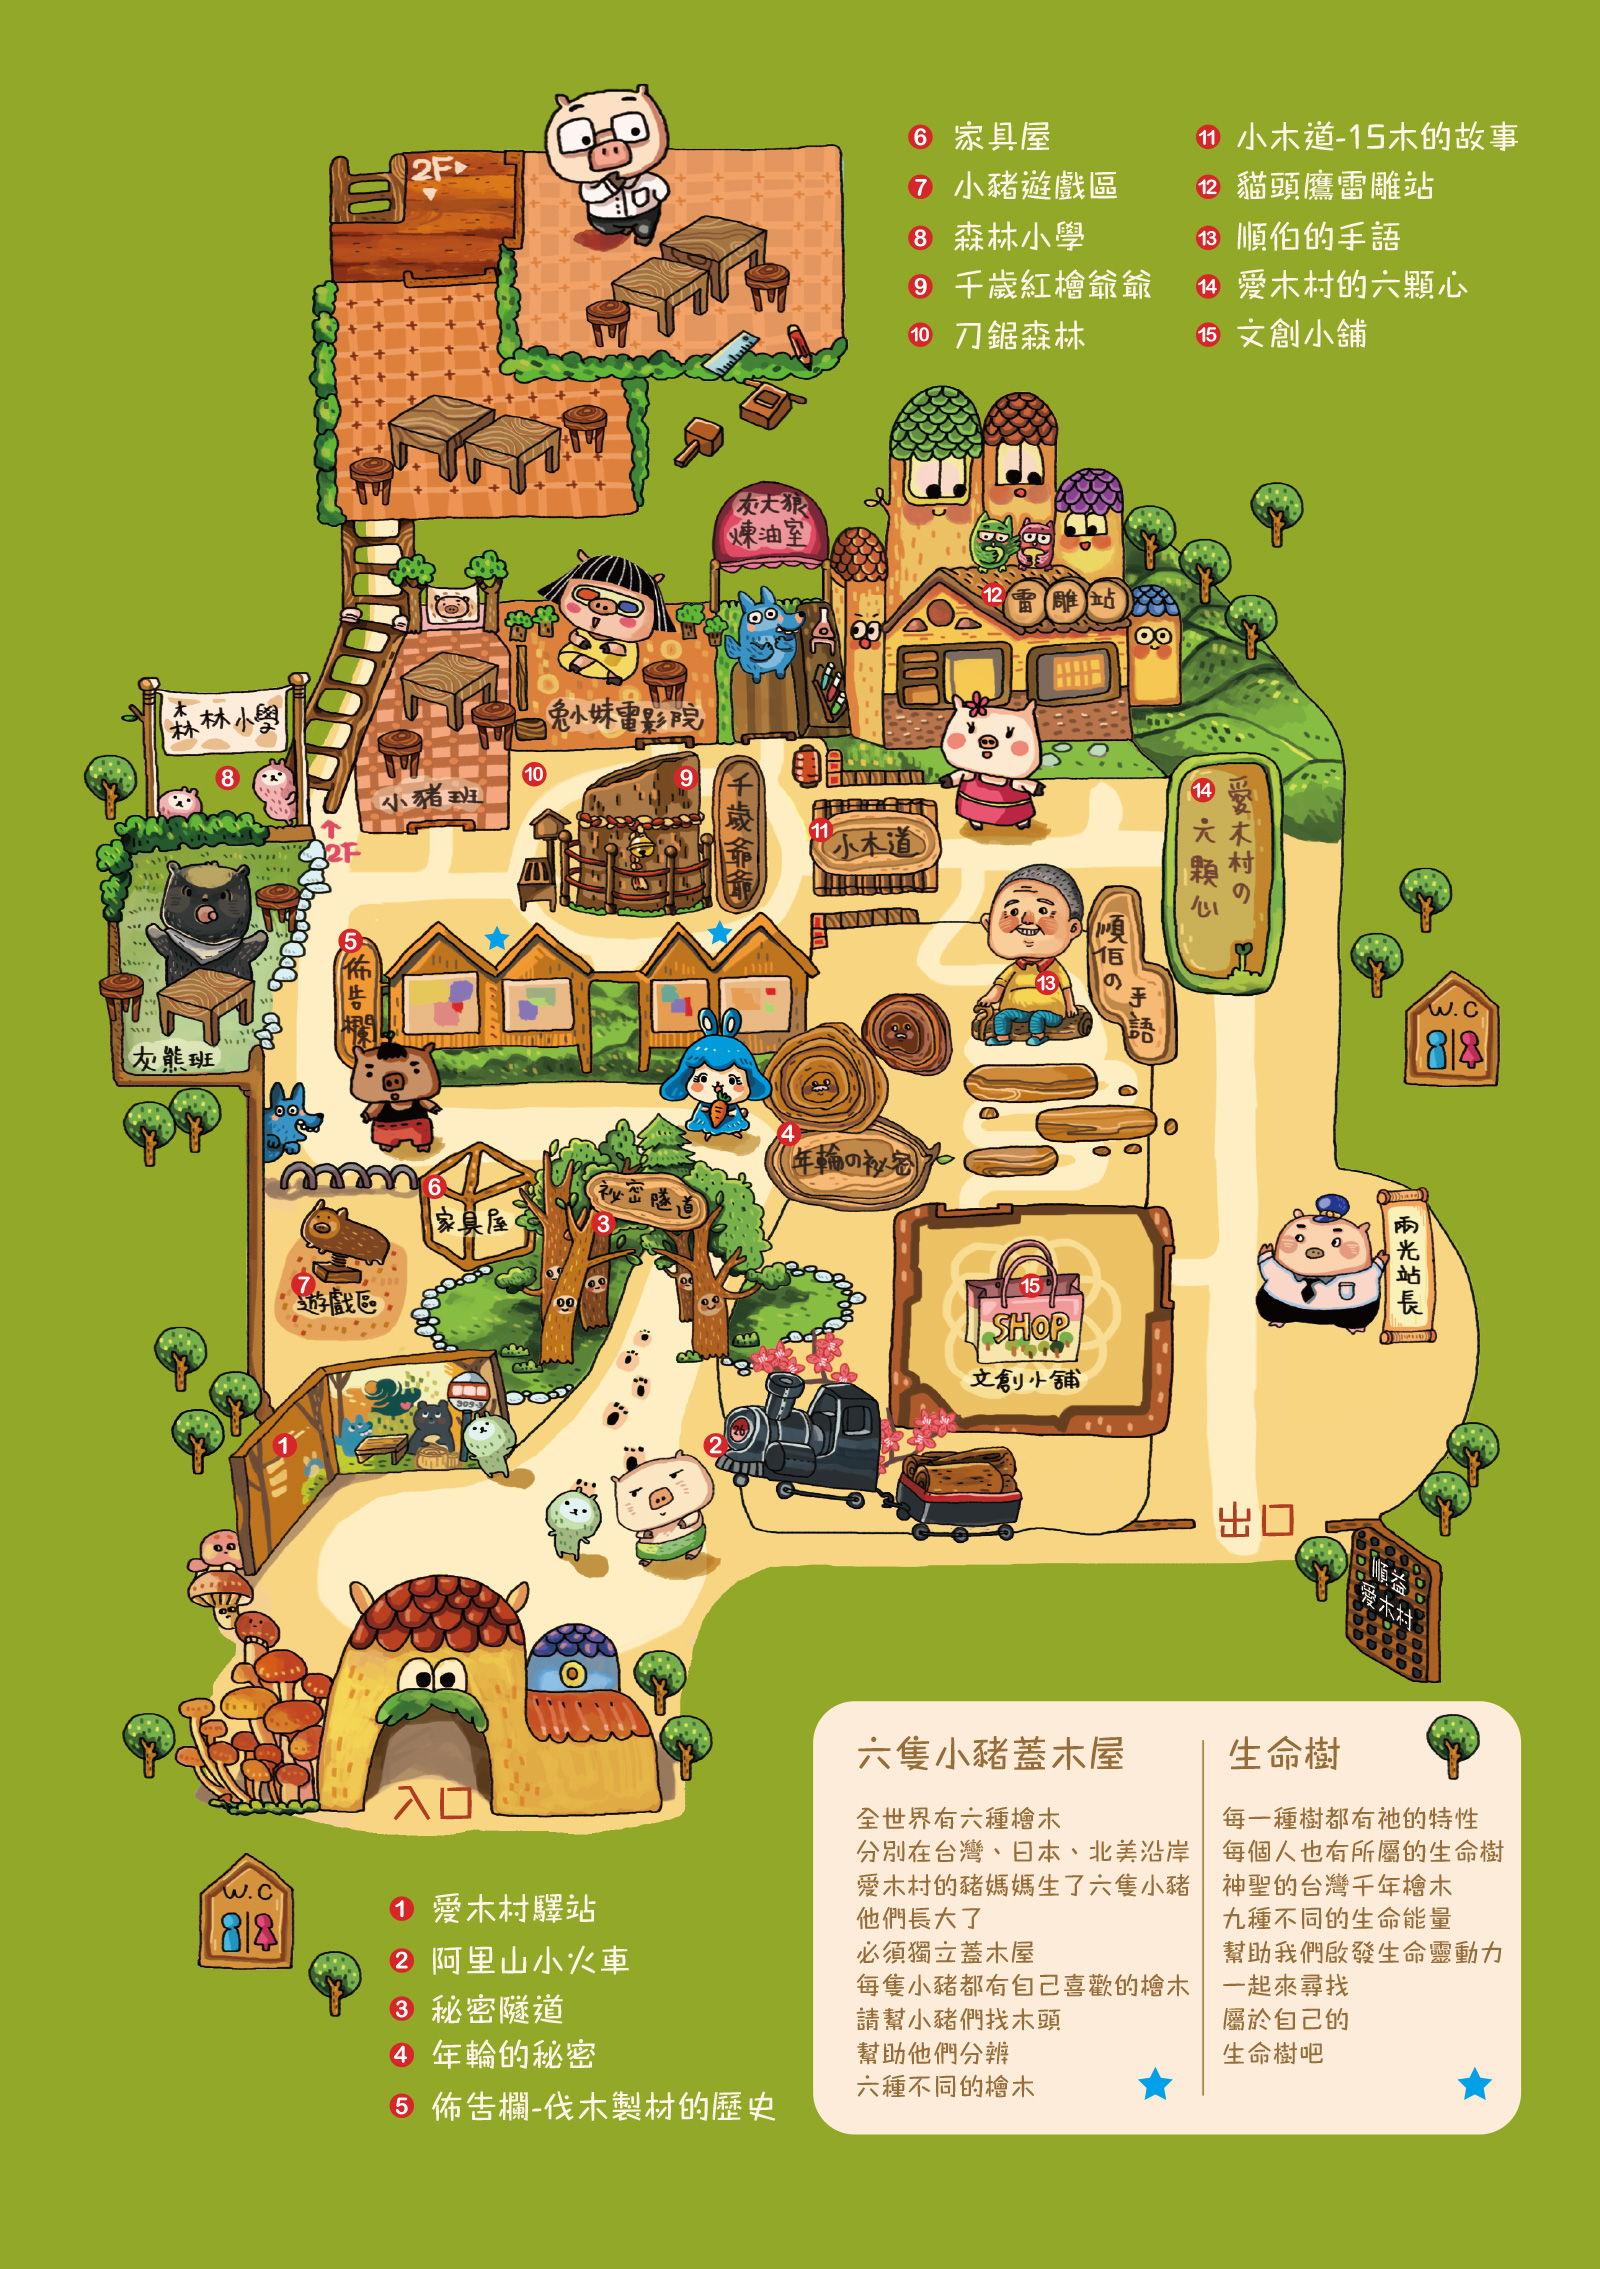 愛木村園區地圖